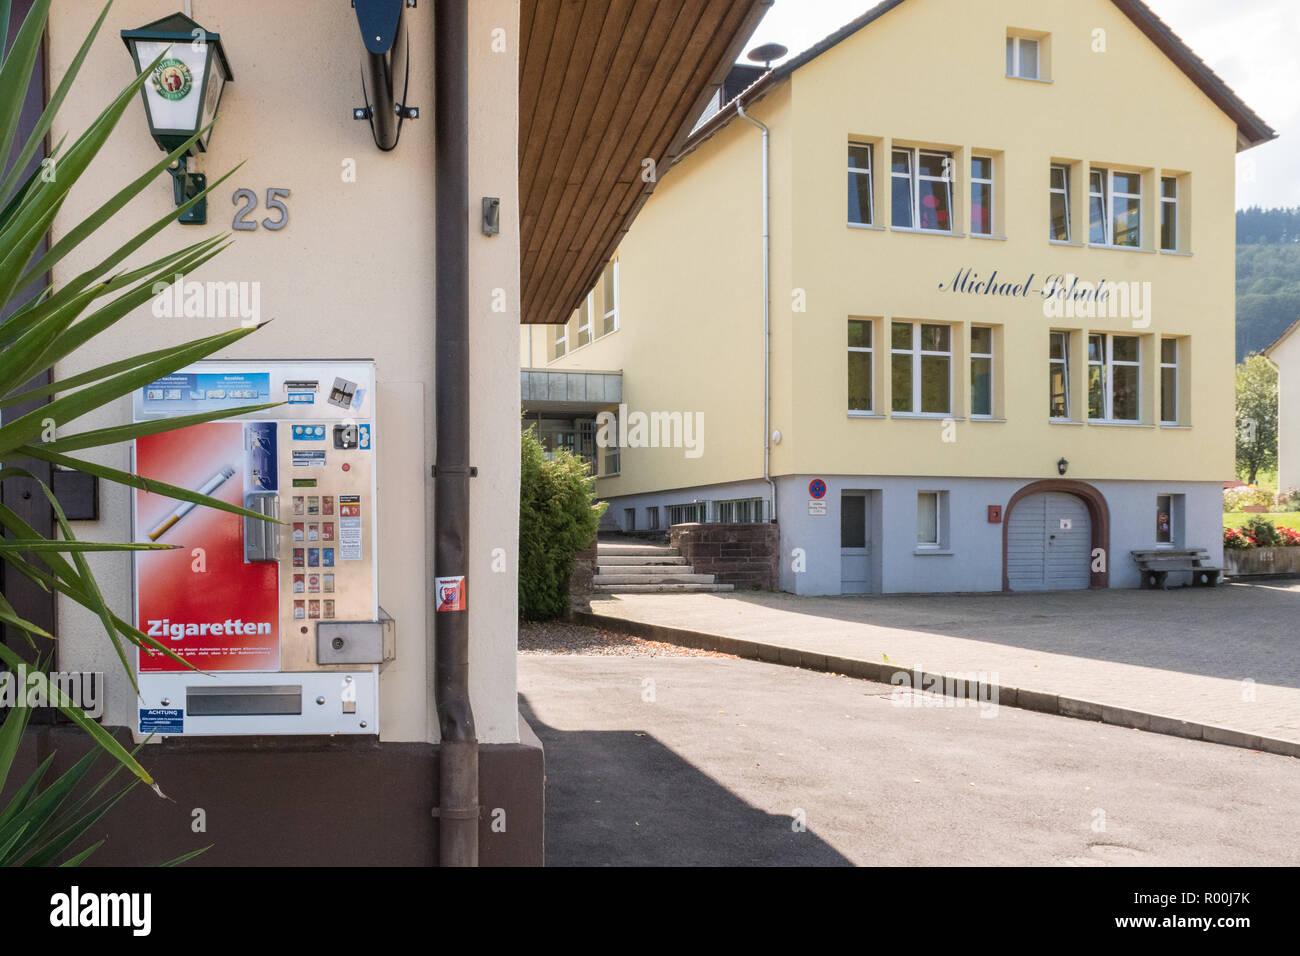 Máquina expendedora de cigarrillos junto a una escuela primaria, Oberried, Alemania, Europa Imagen De Stock